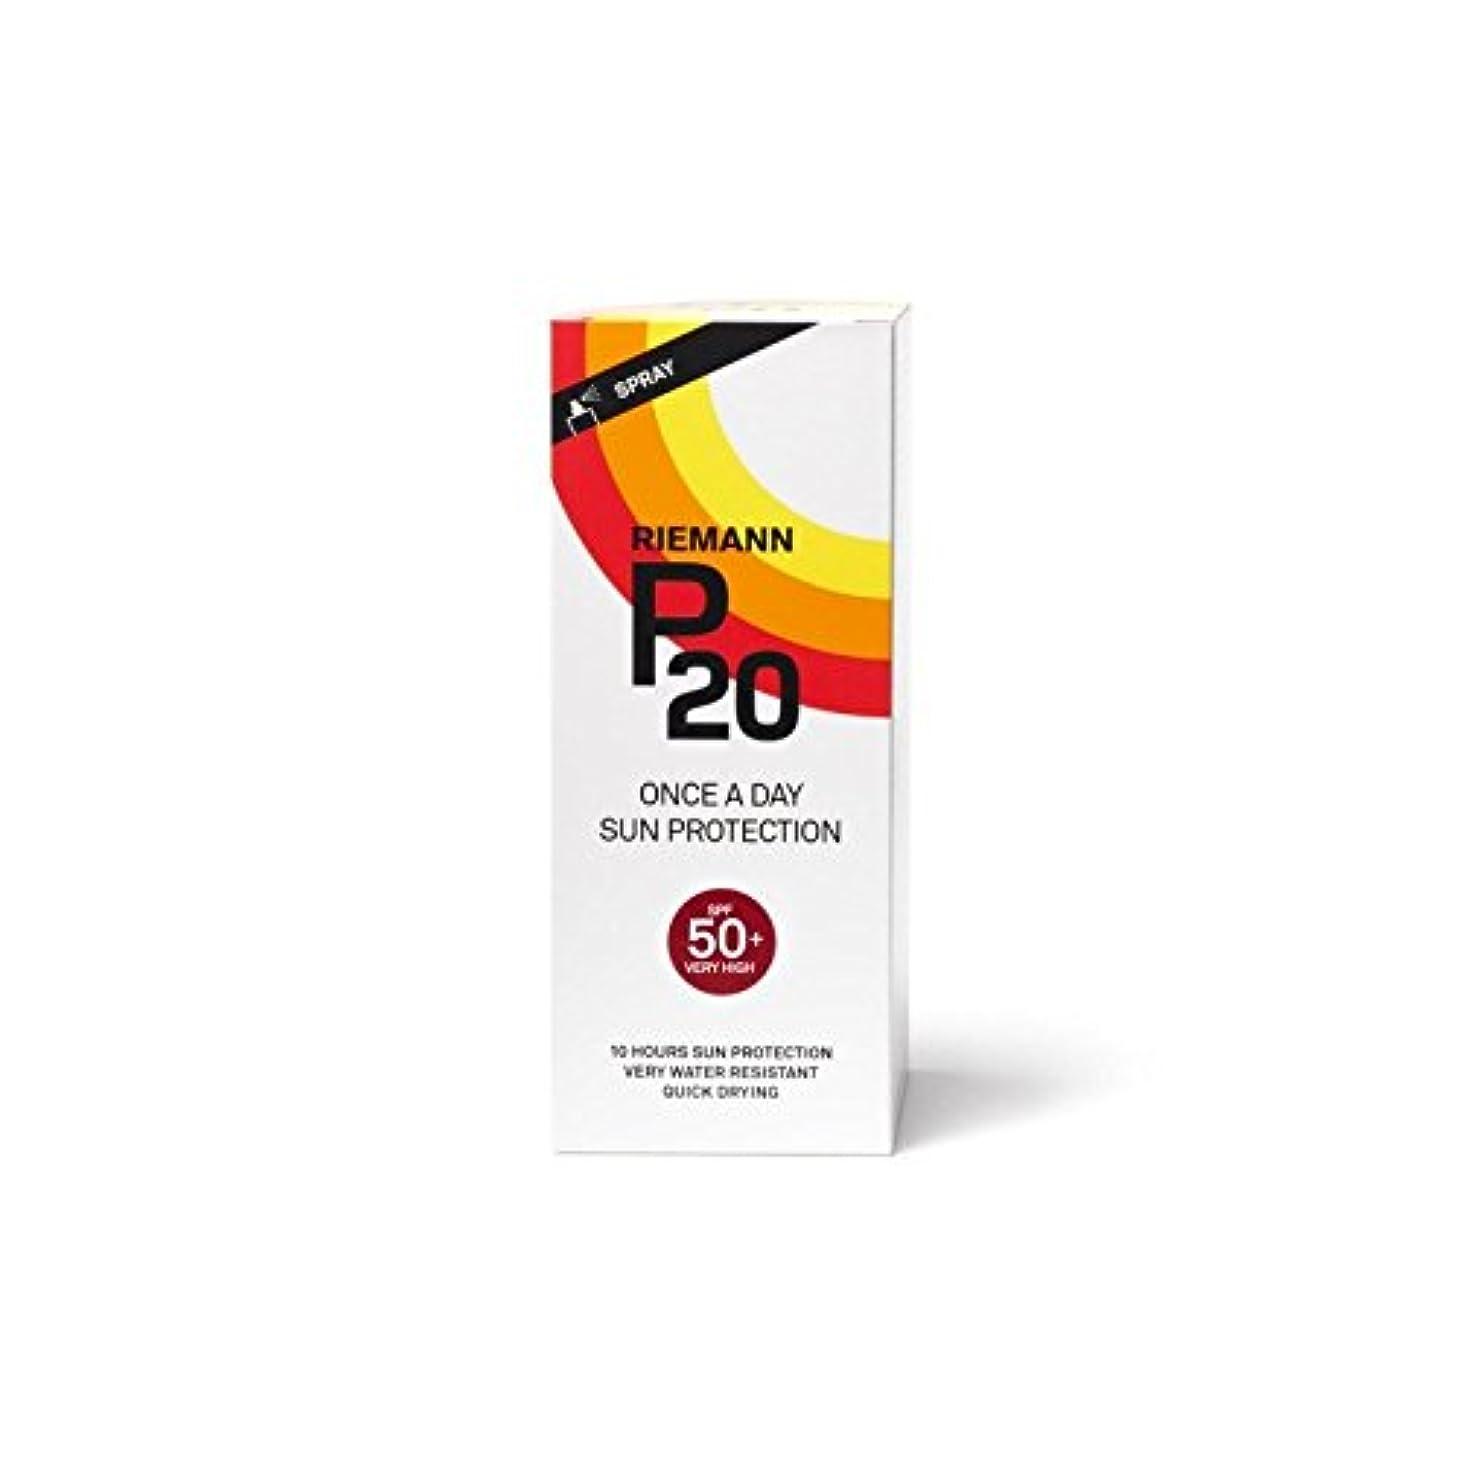 メルボルン甘やかす閉じ込めるRiemann P20 Once a Day Sun Filter 200ml SPF50+ - 一日の日に一度リーマン20は、200ミリリットル50 +のをフィルタリング [並行輸入品]